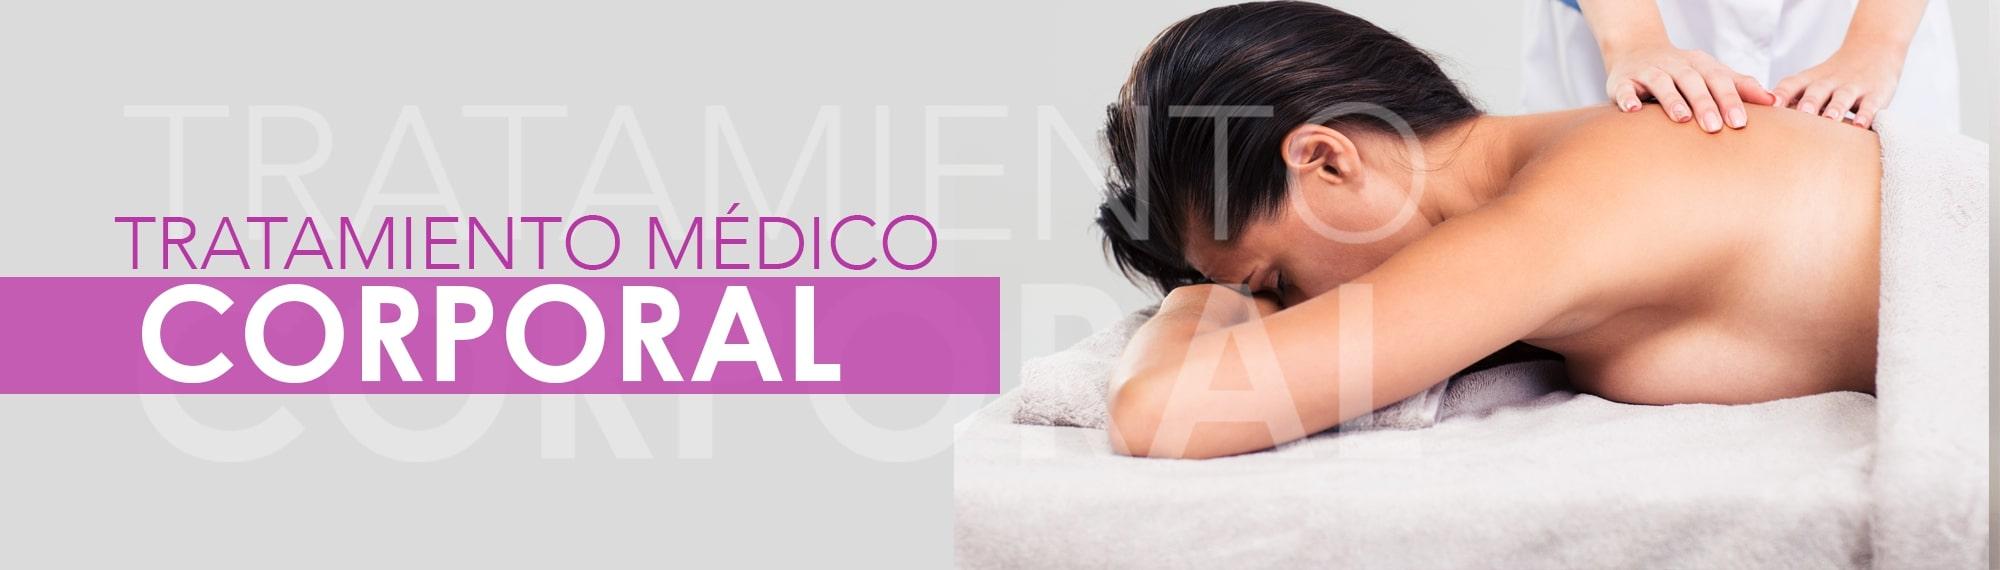 Tratamiento médico corporal